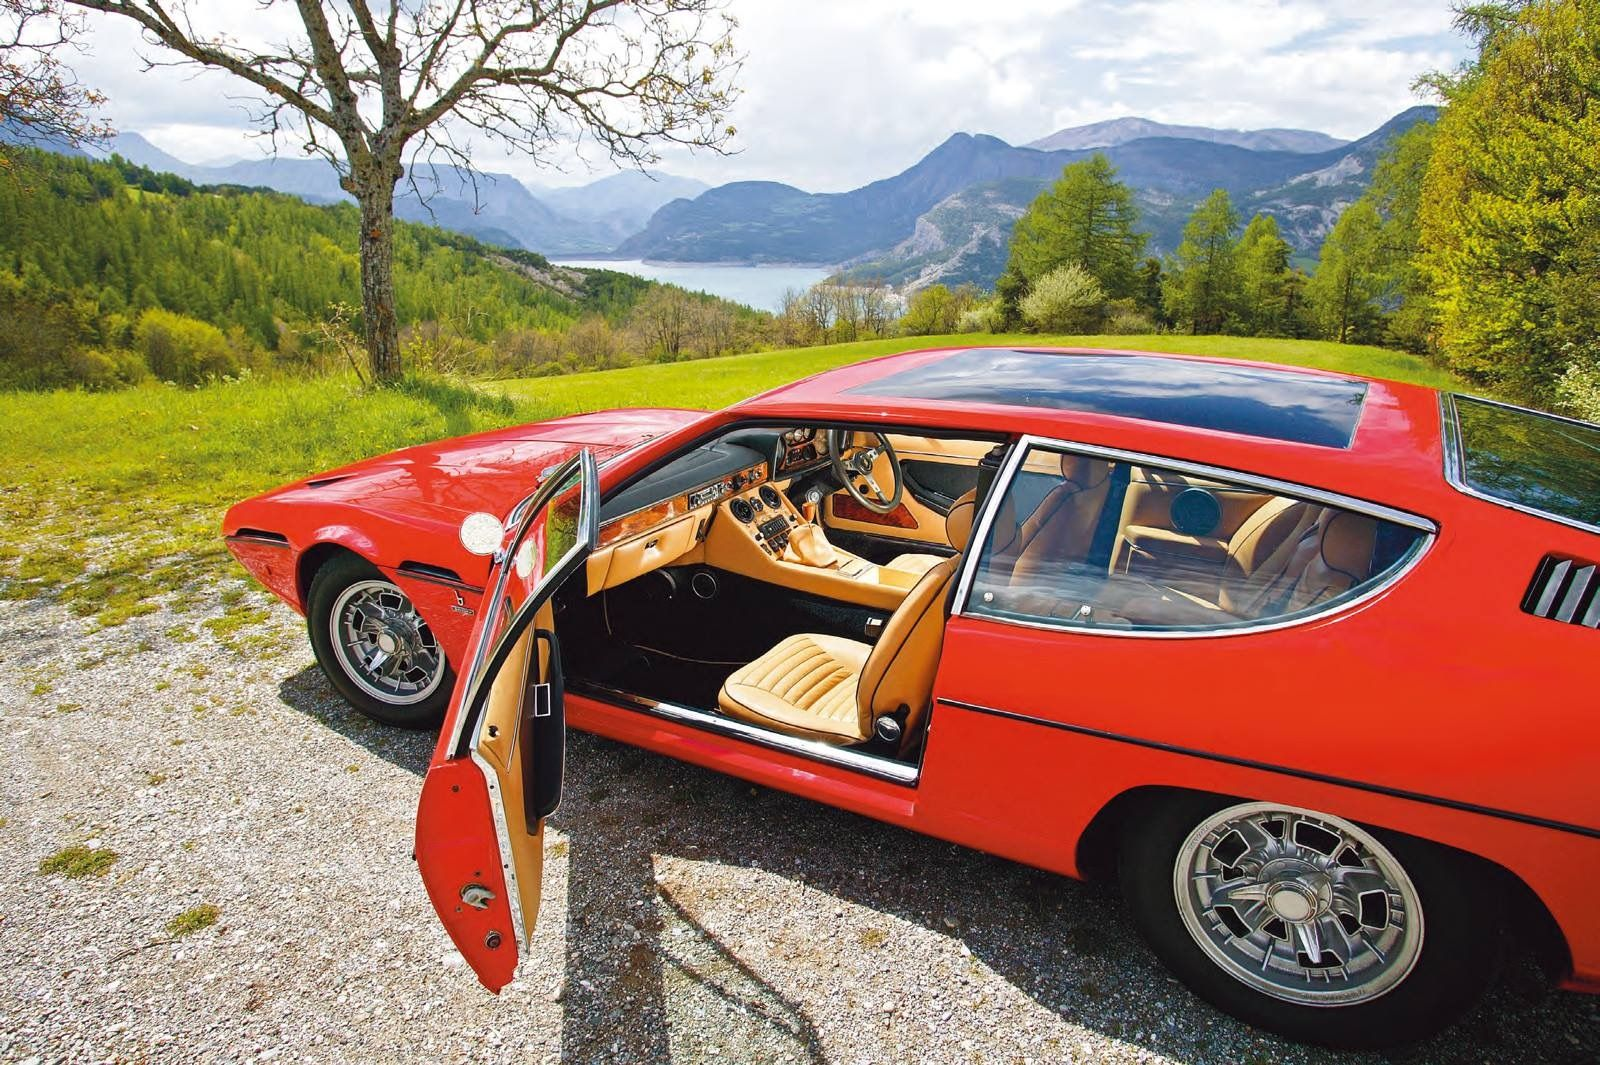 Lamborghini Espada series II, Japan, right sided.